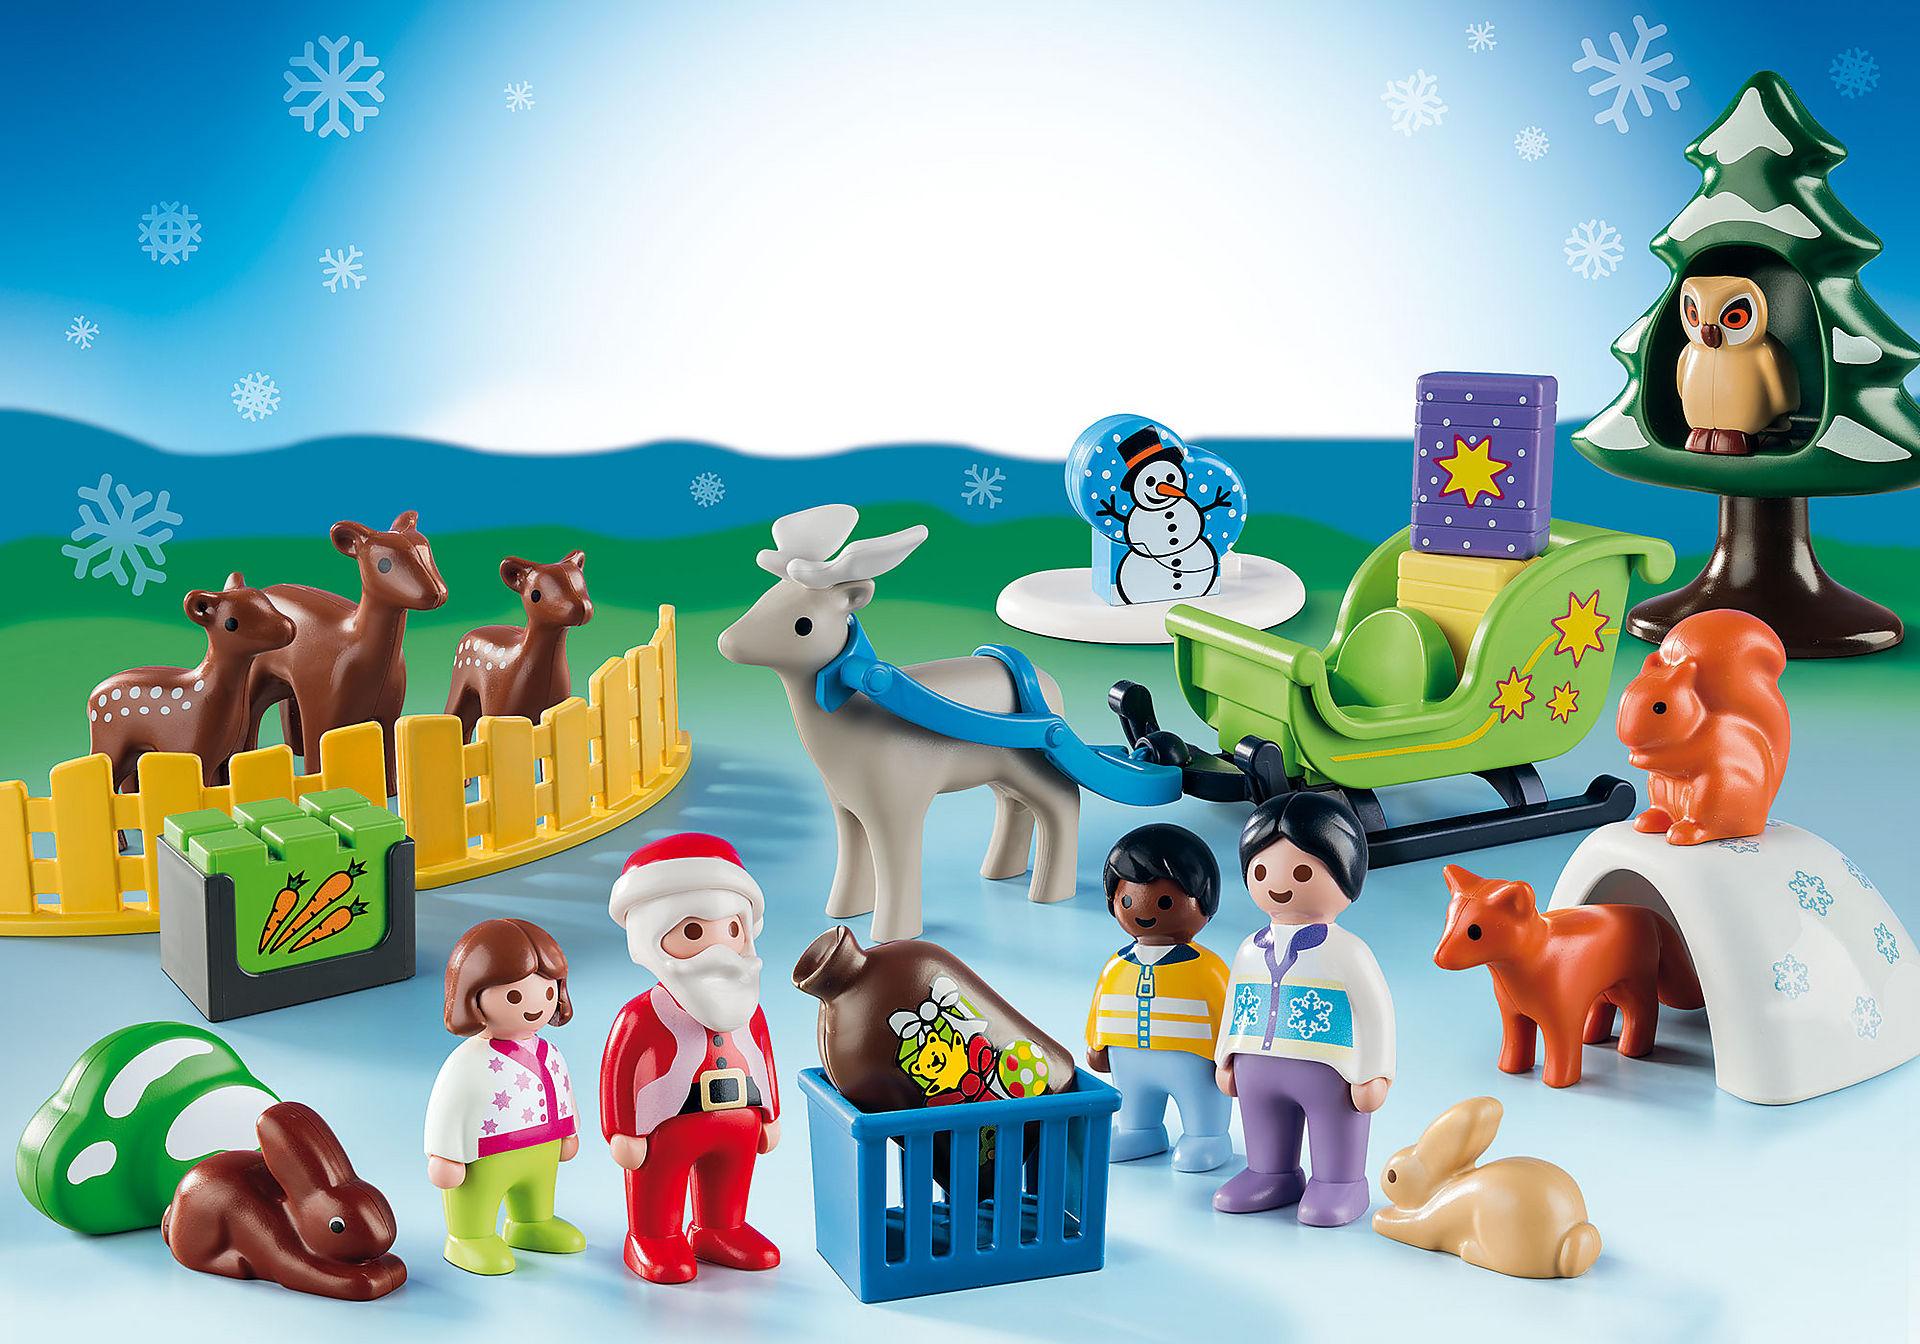 9391 Χριστουγεννιάτικο Ημερολόγιο 1.2.3 - Χριστούγεννα στο δάσος zoom image3